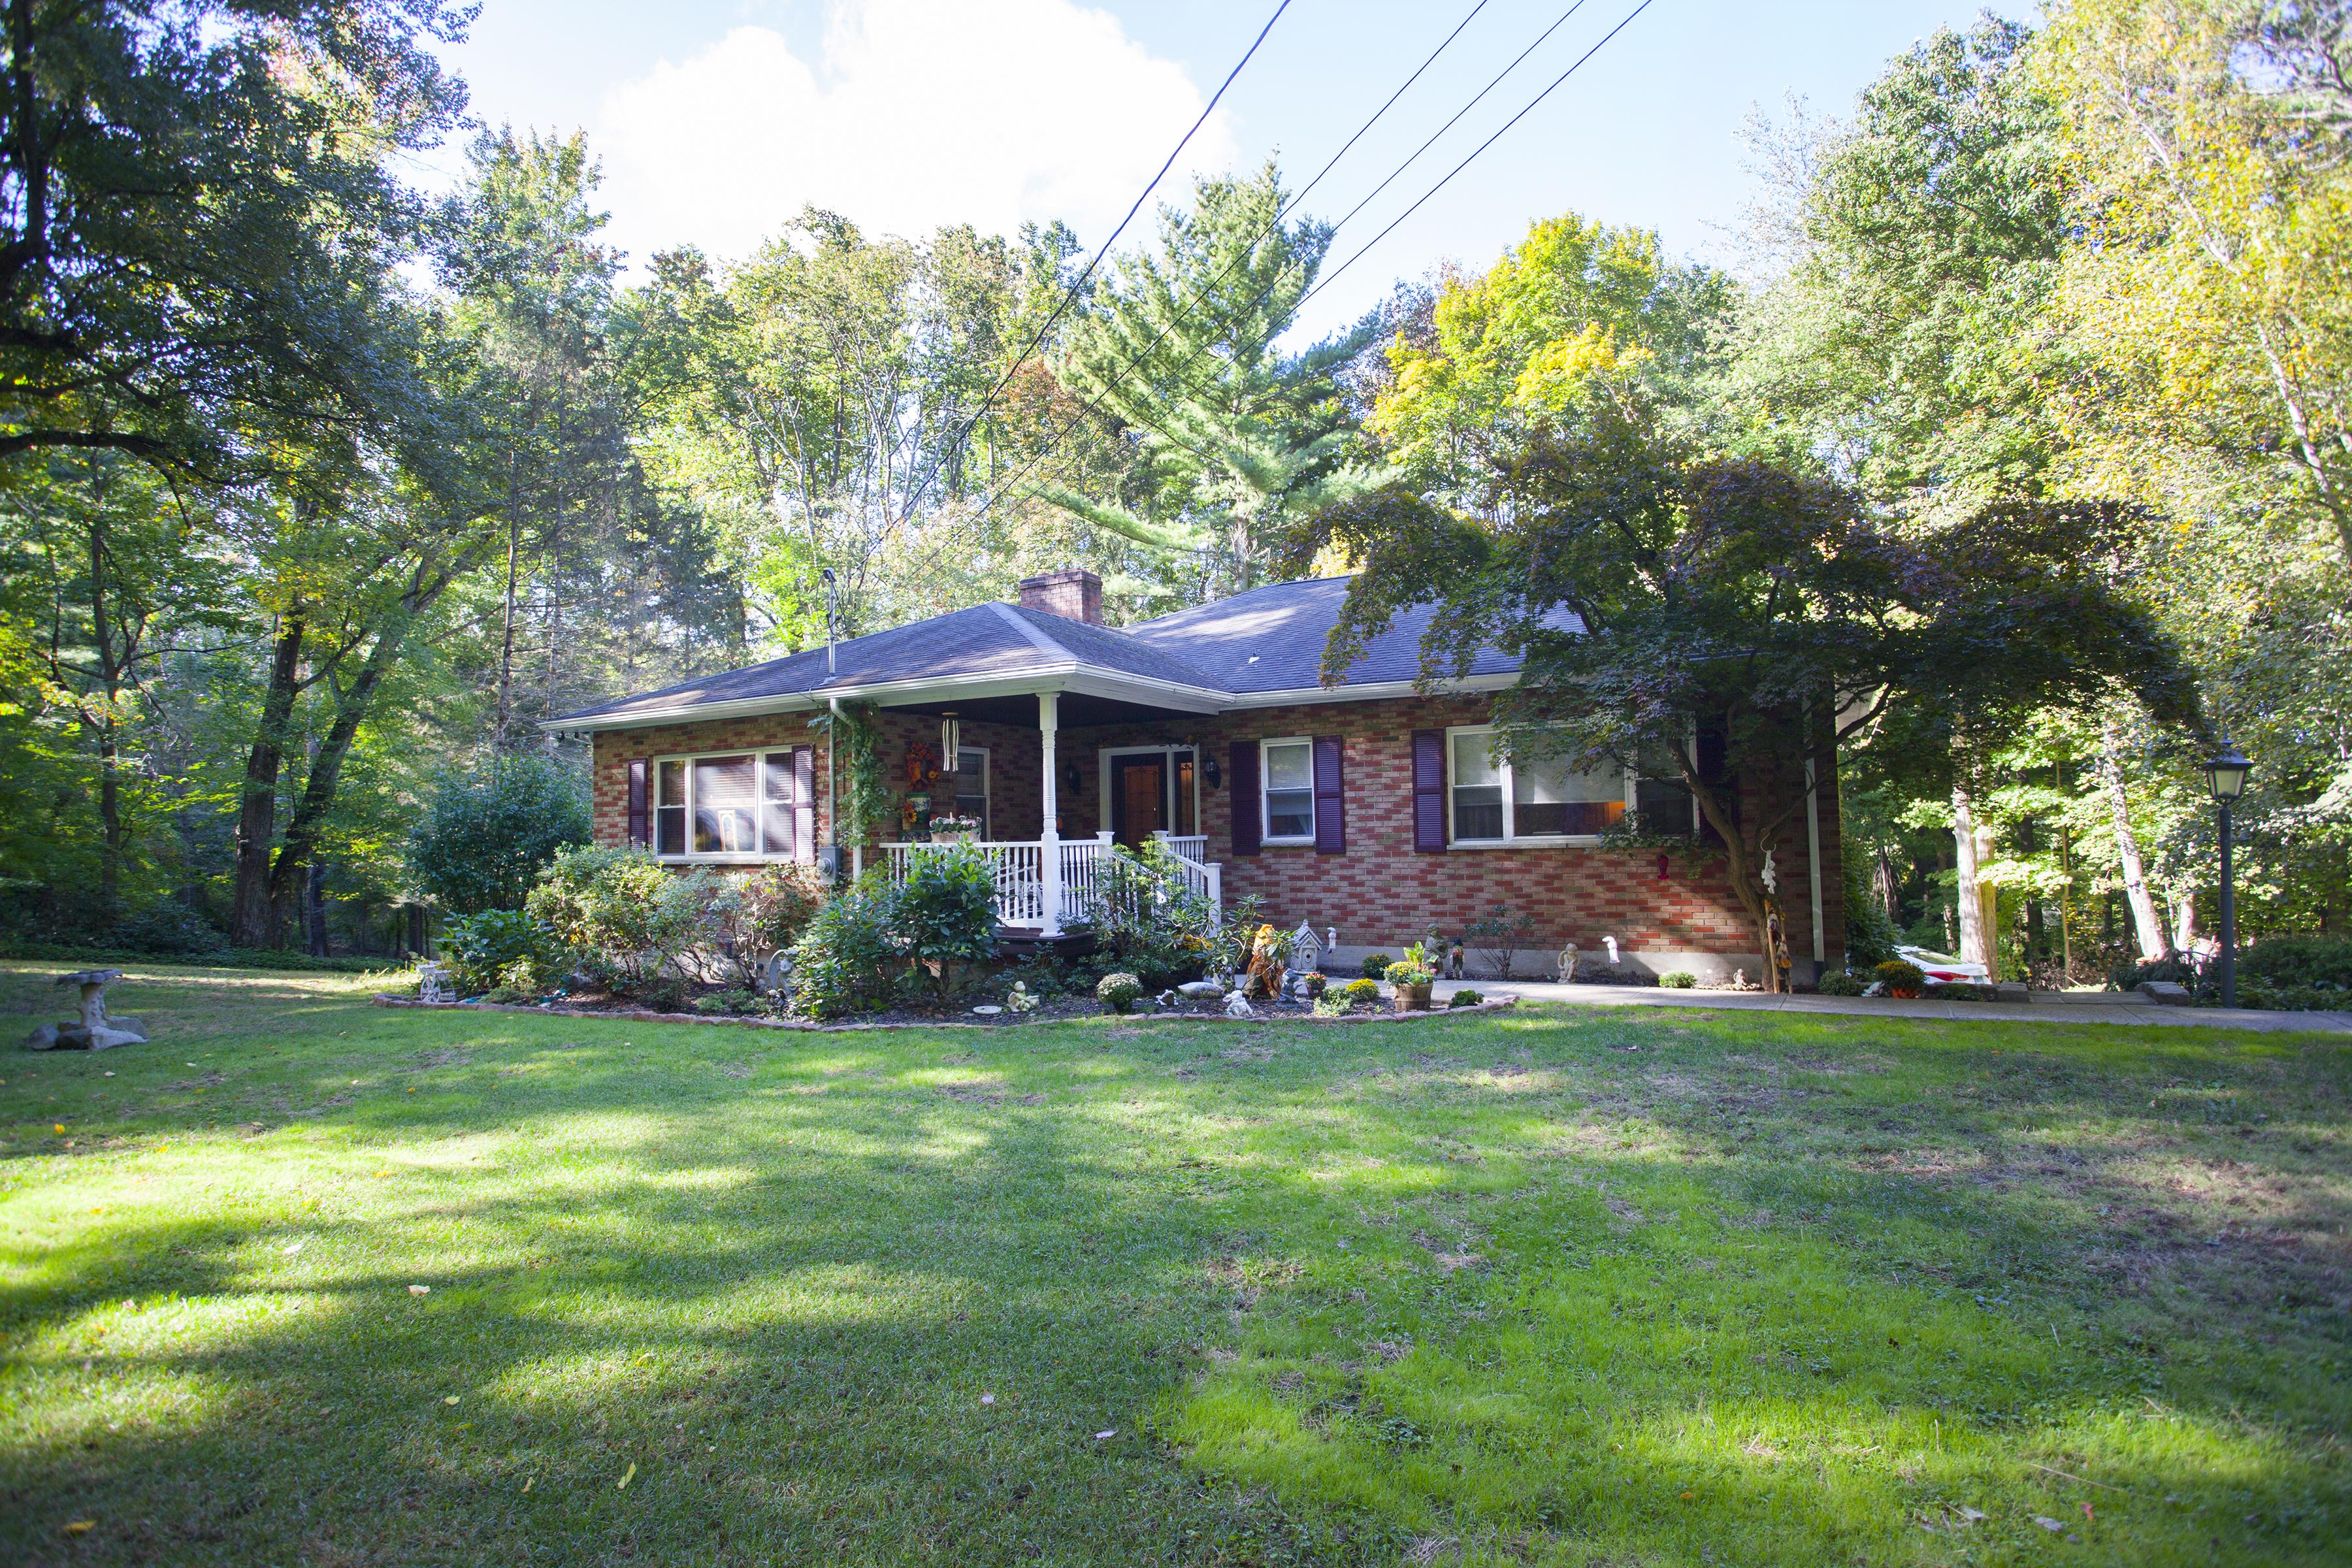 Casa Unifamiliar por un Alquiler en Lower Level Apartment 21 Hudson Drive New Fairfield, Connecticut 06812 Estados Unidos